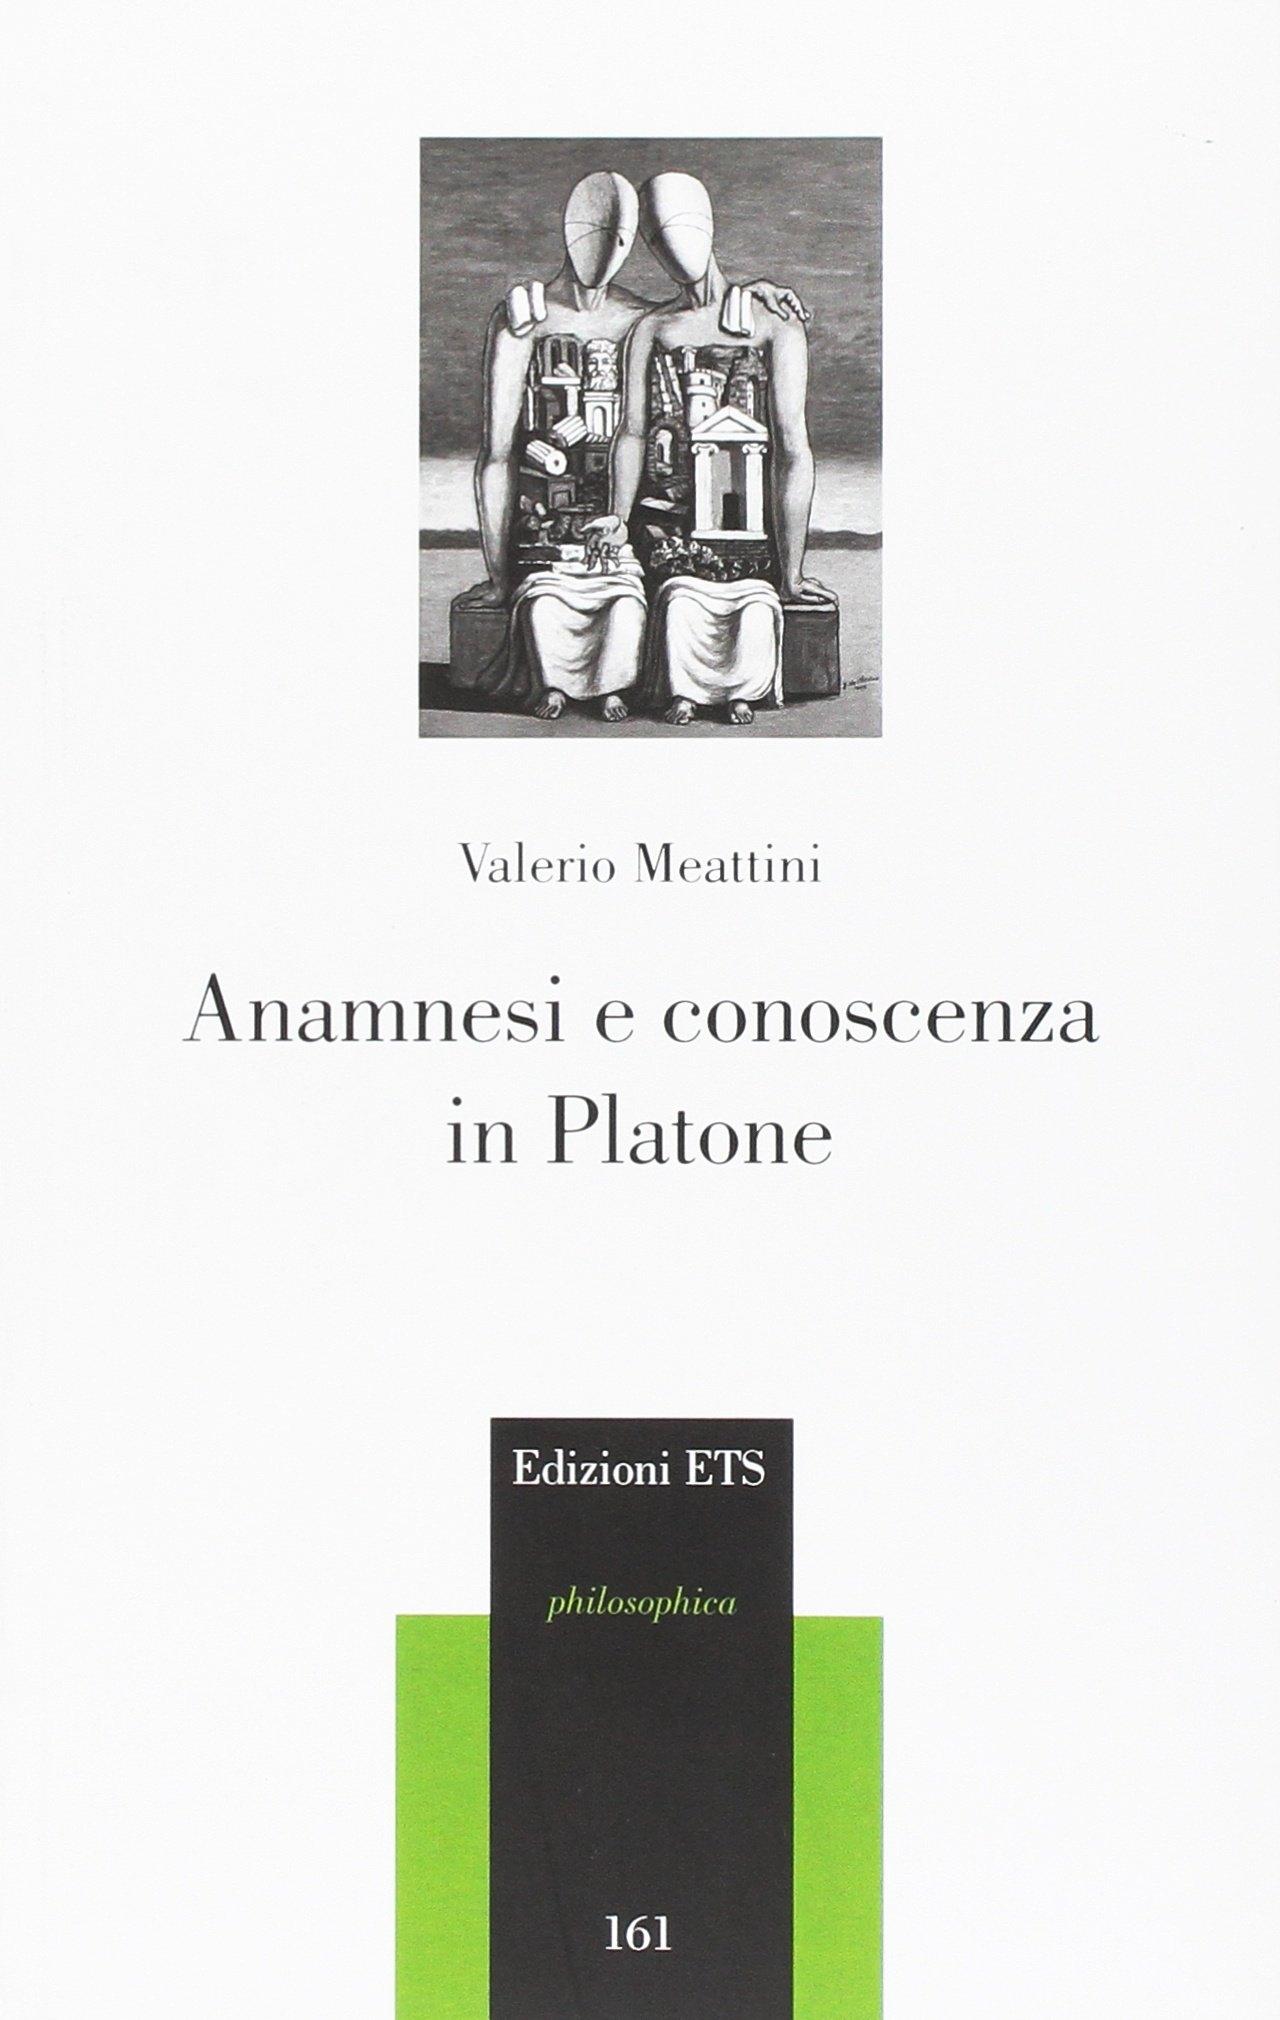 Anamnesi e conoscenza in Platone.